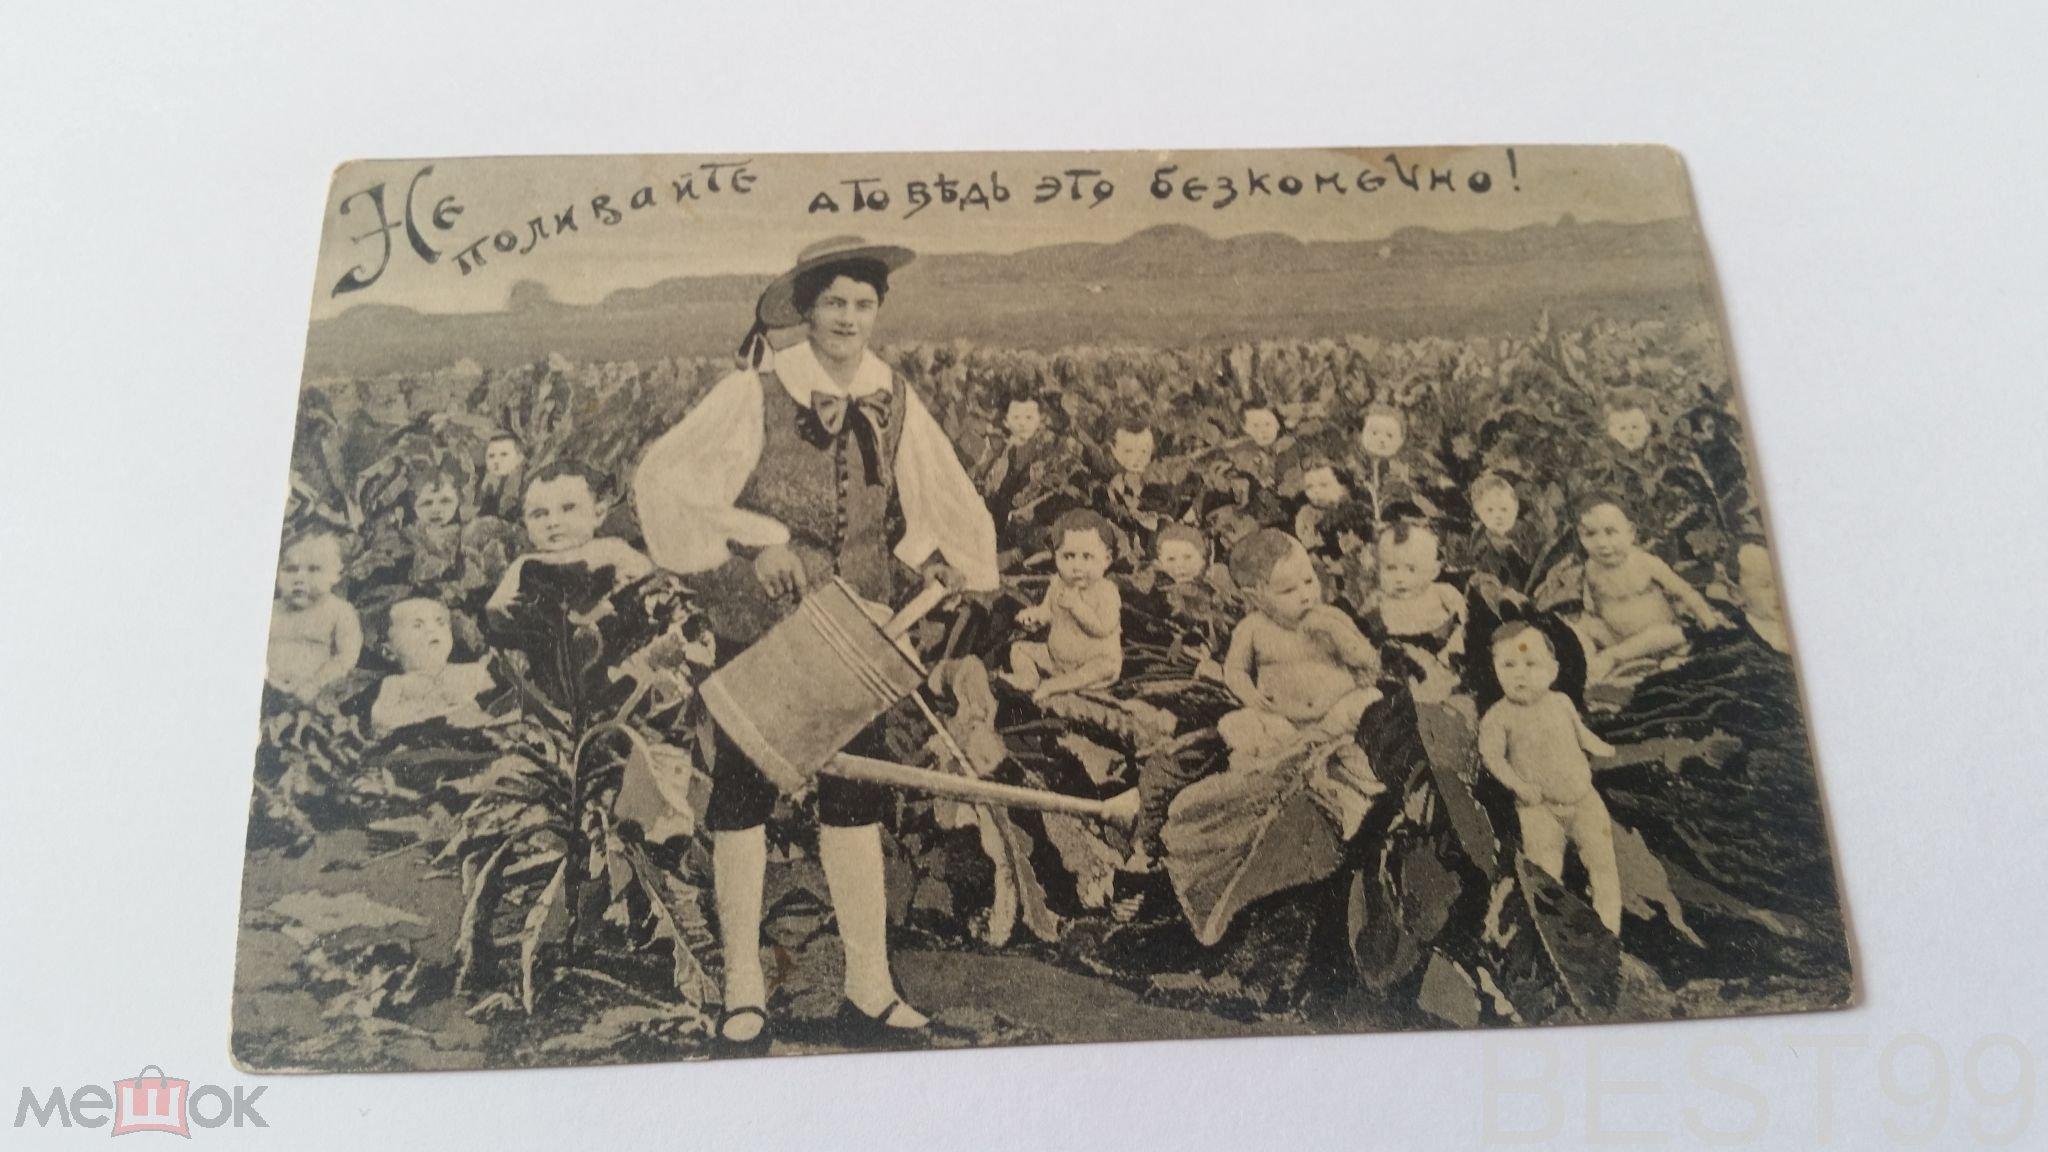 Класс открытки, редкие антикварные открытки